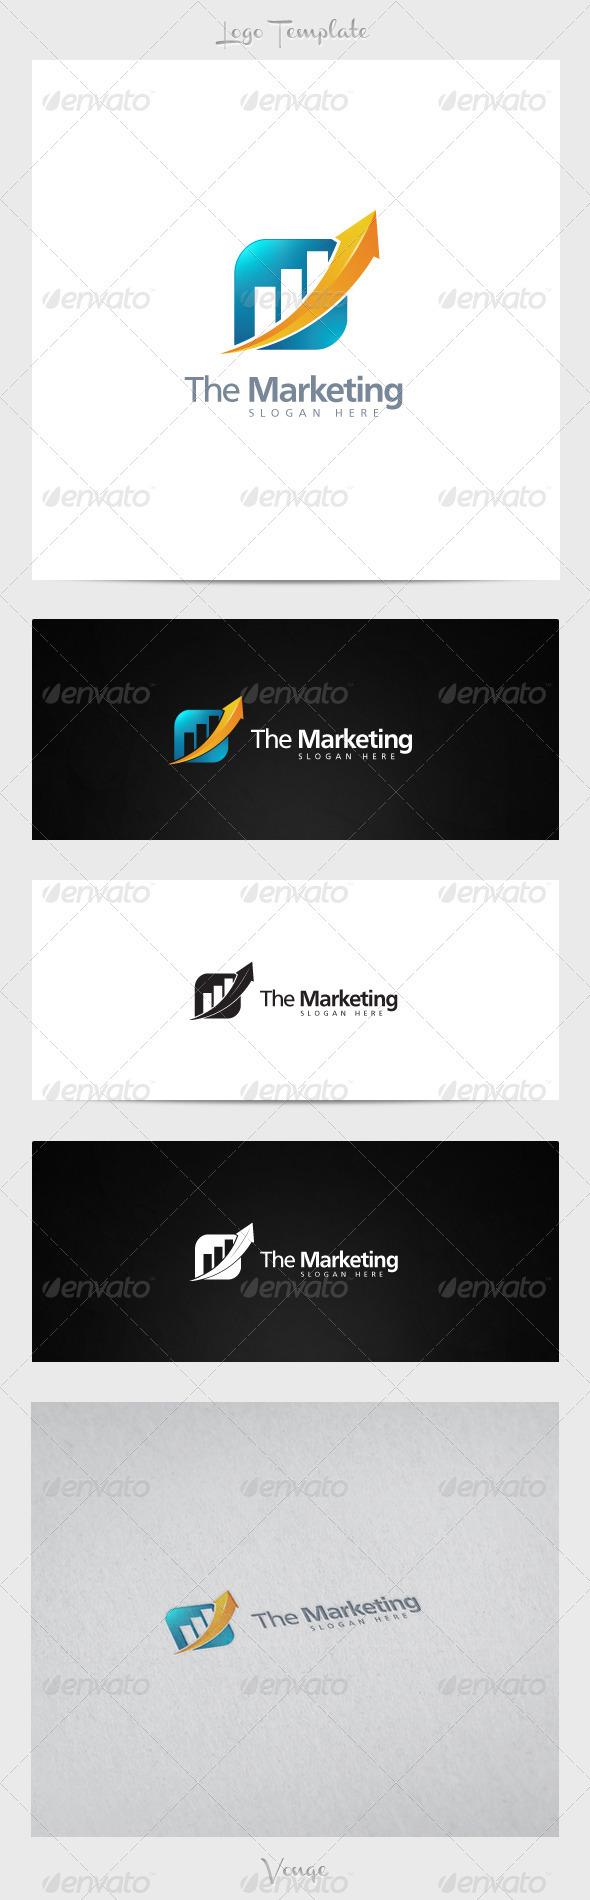 Marketing Company - Company Logo Templates